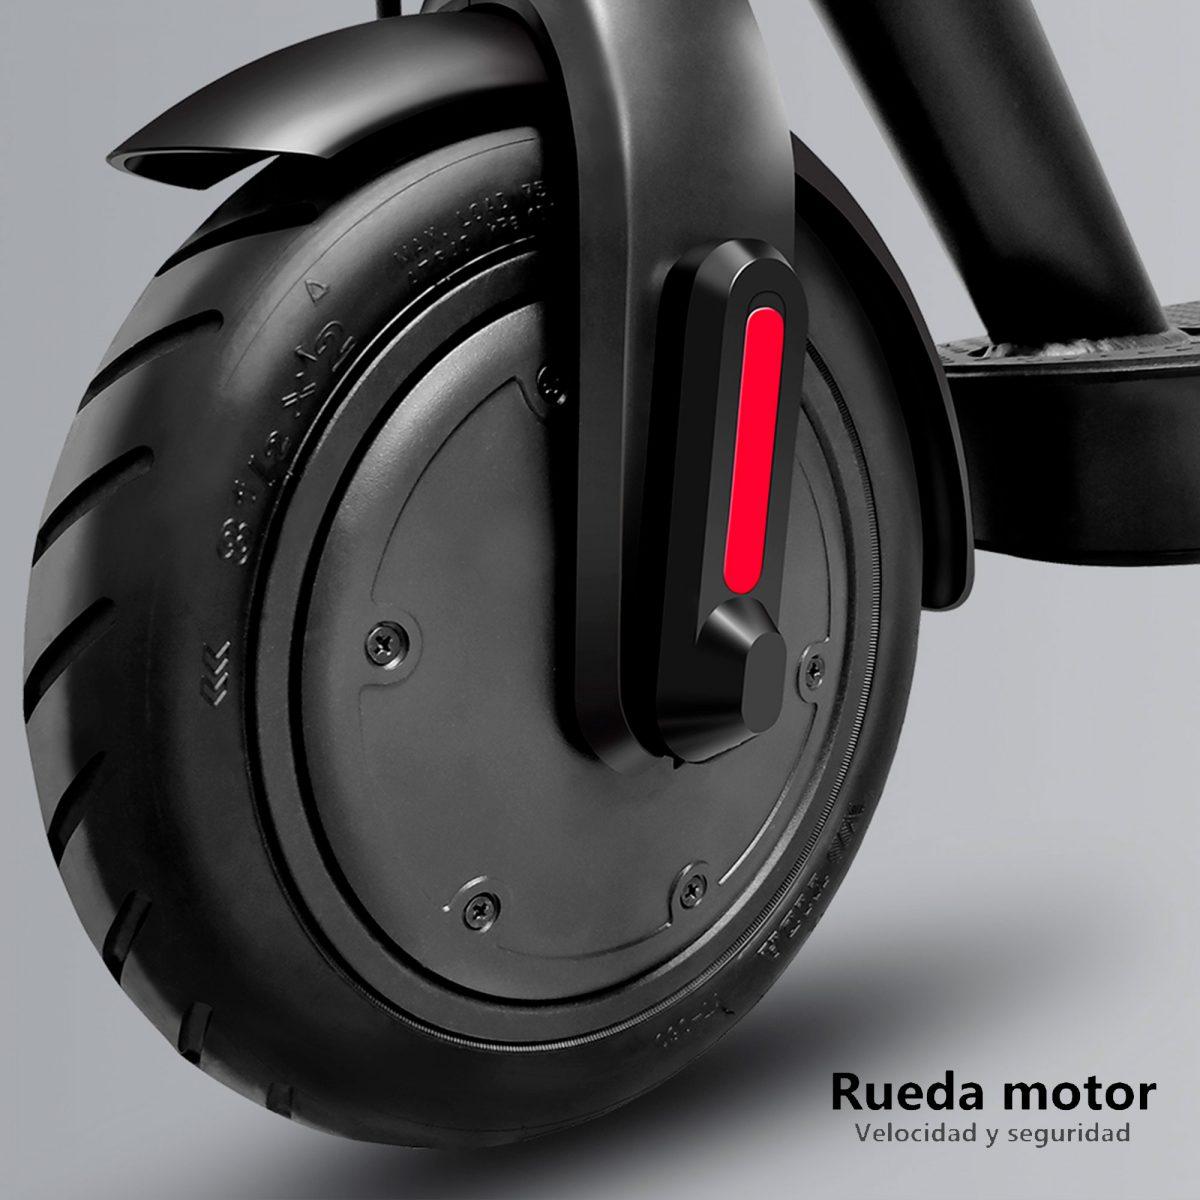 Rueda motor para velocidad y seguridad de patinetes eléctricos - Zwheel